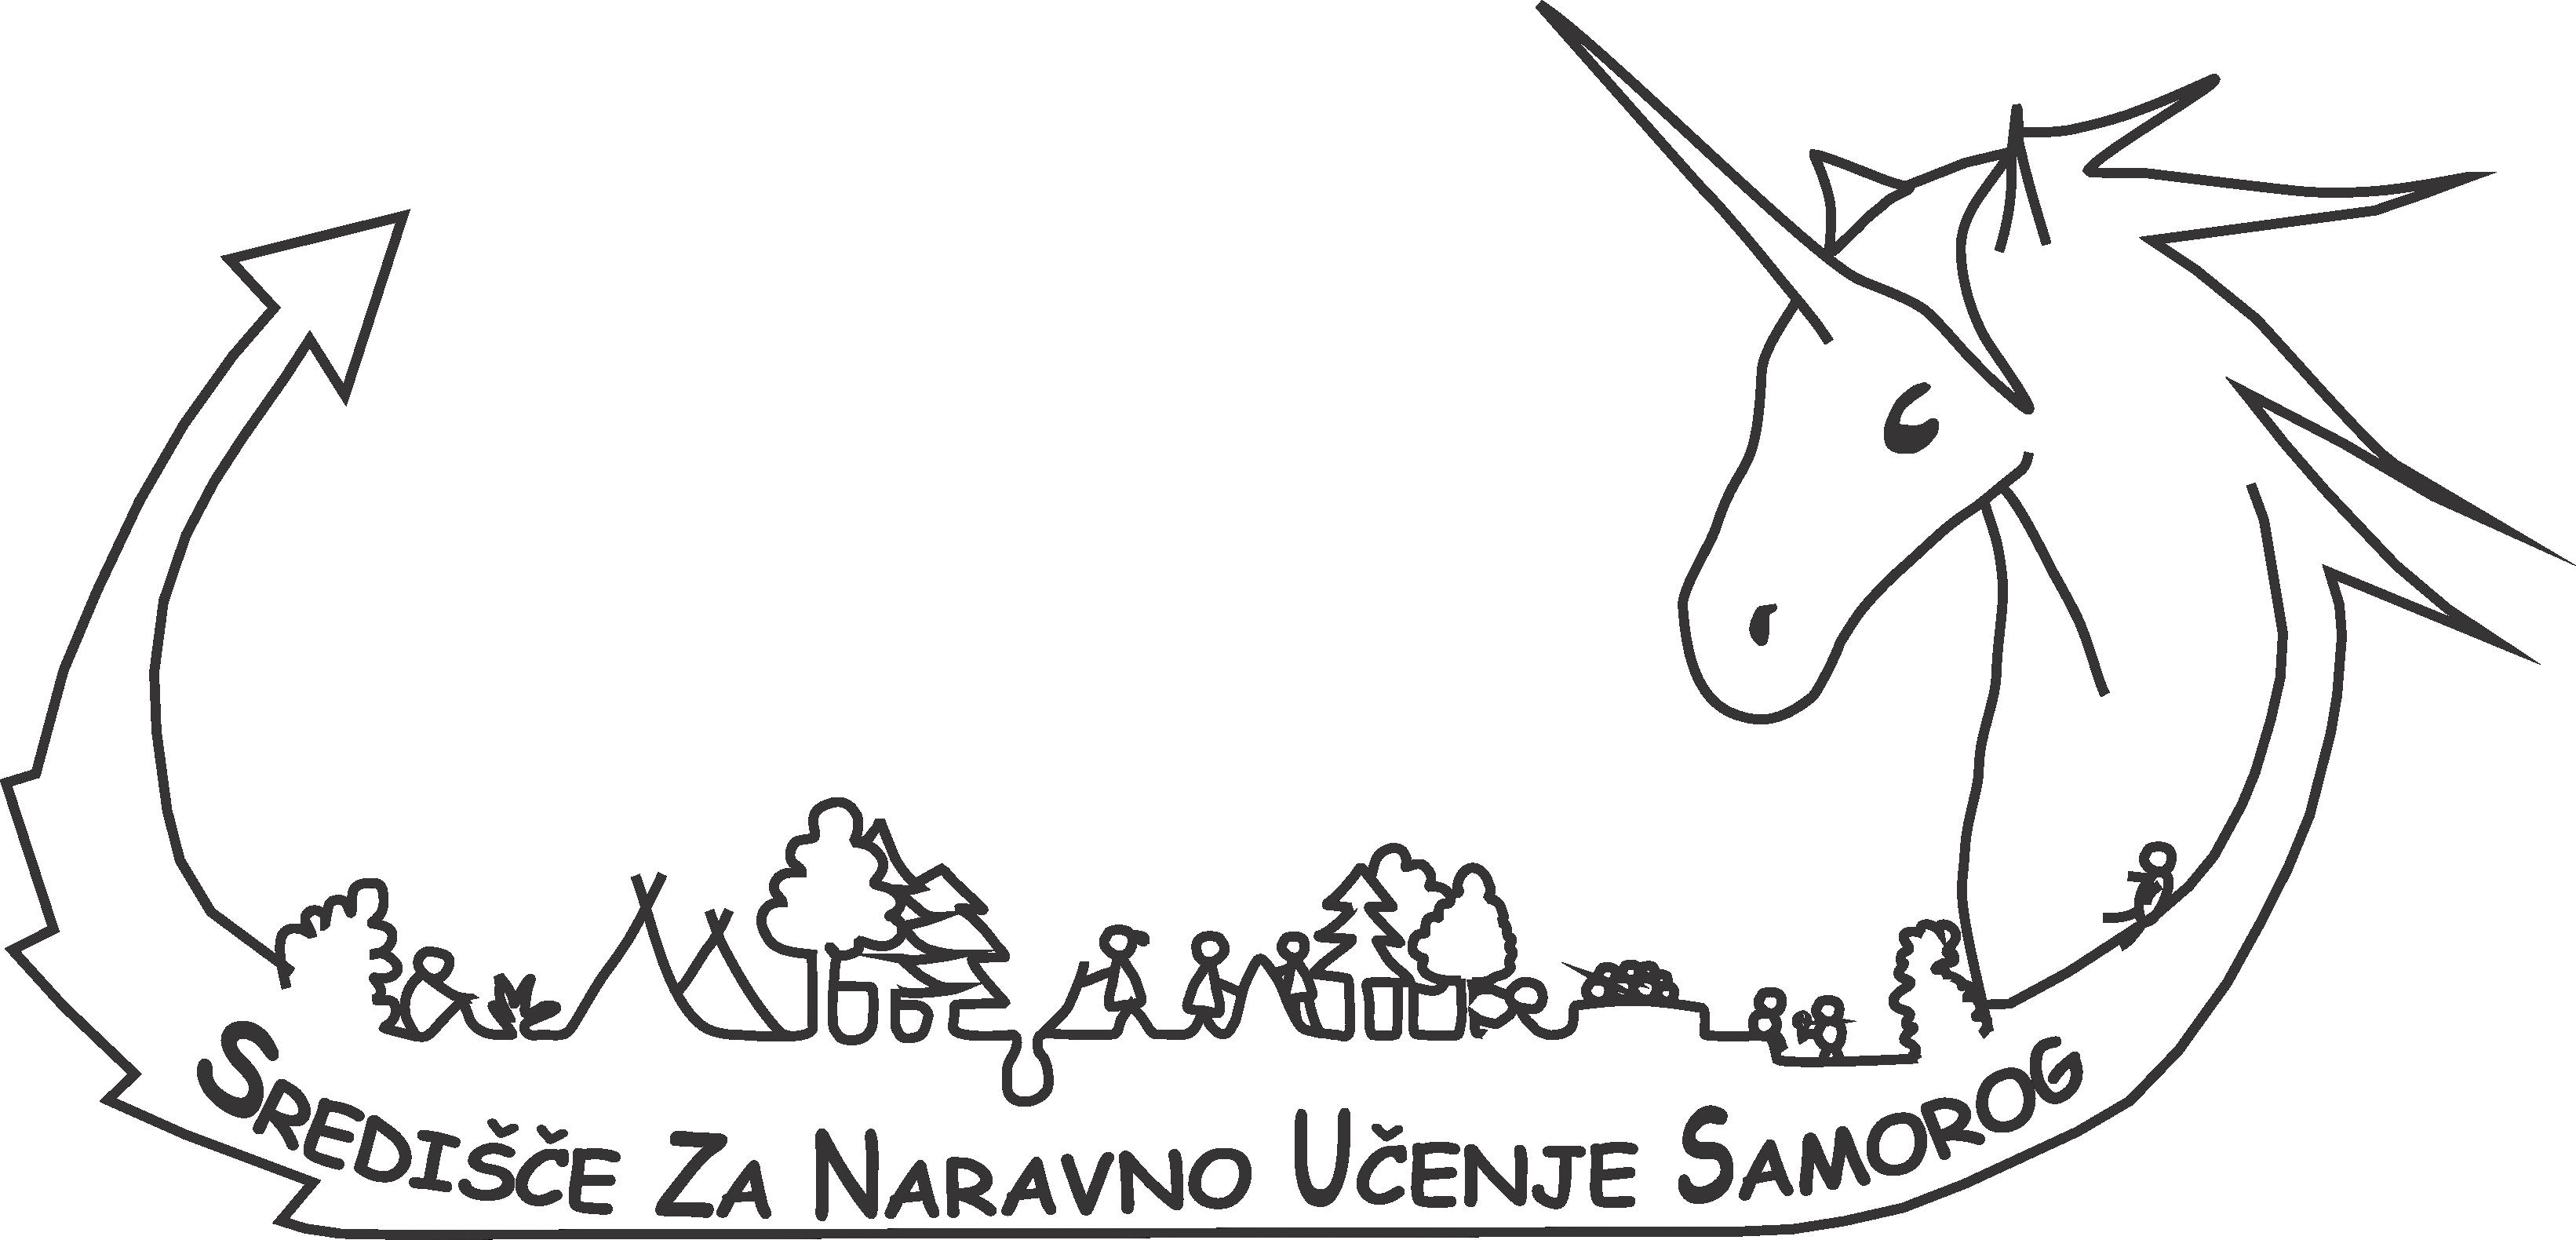 Središče za naravno učenje Samorog